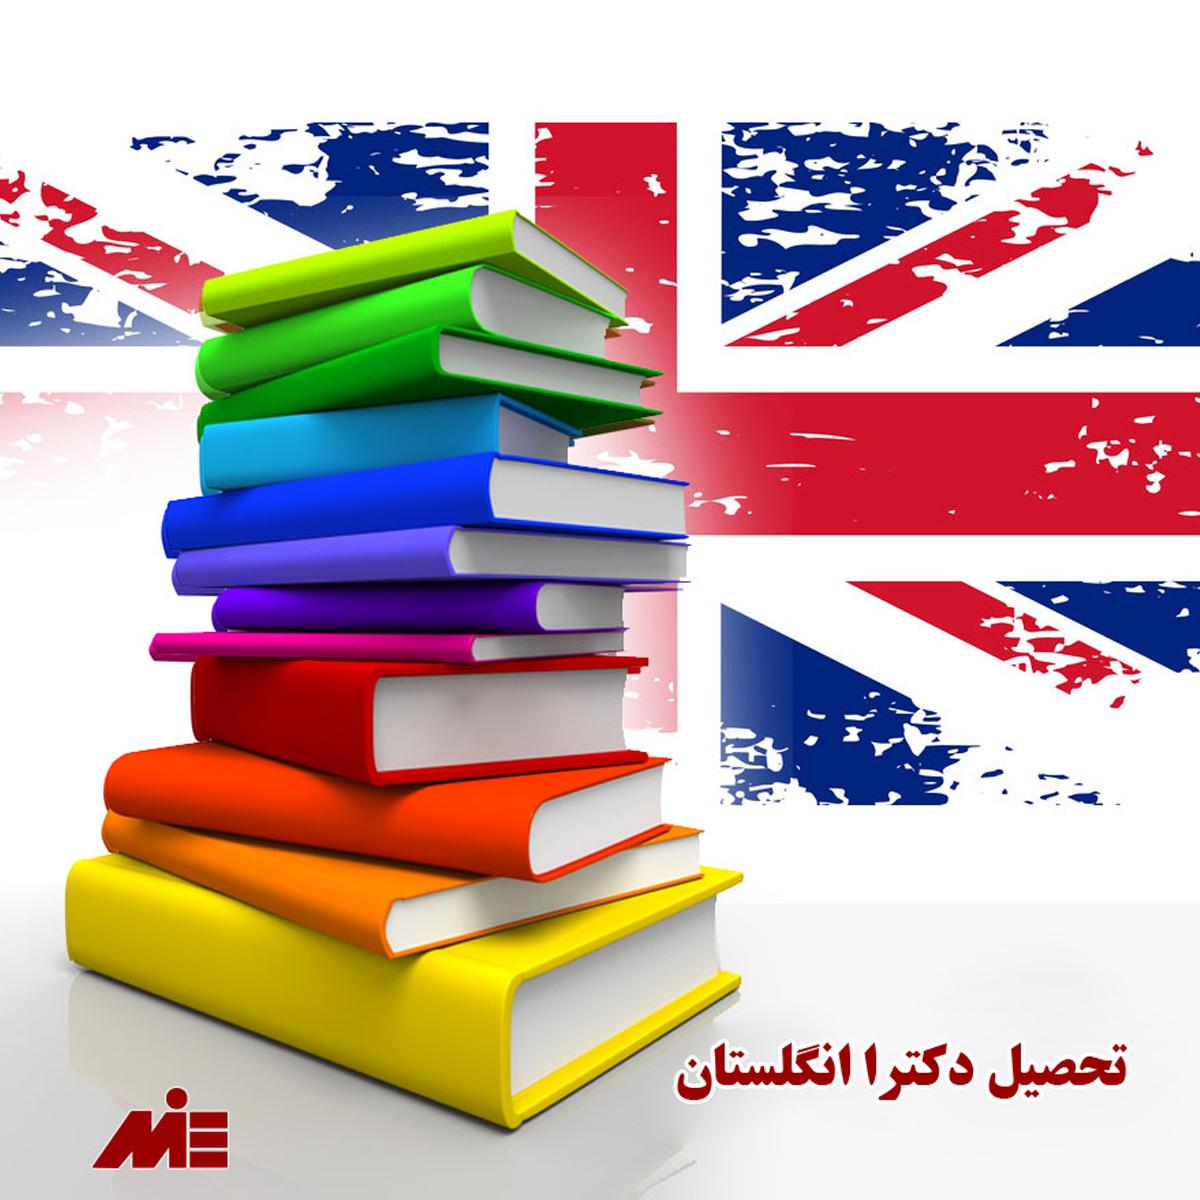 تحصیل دکترا انگلستان